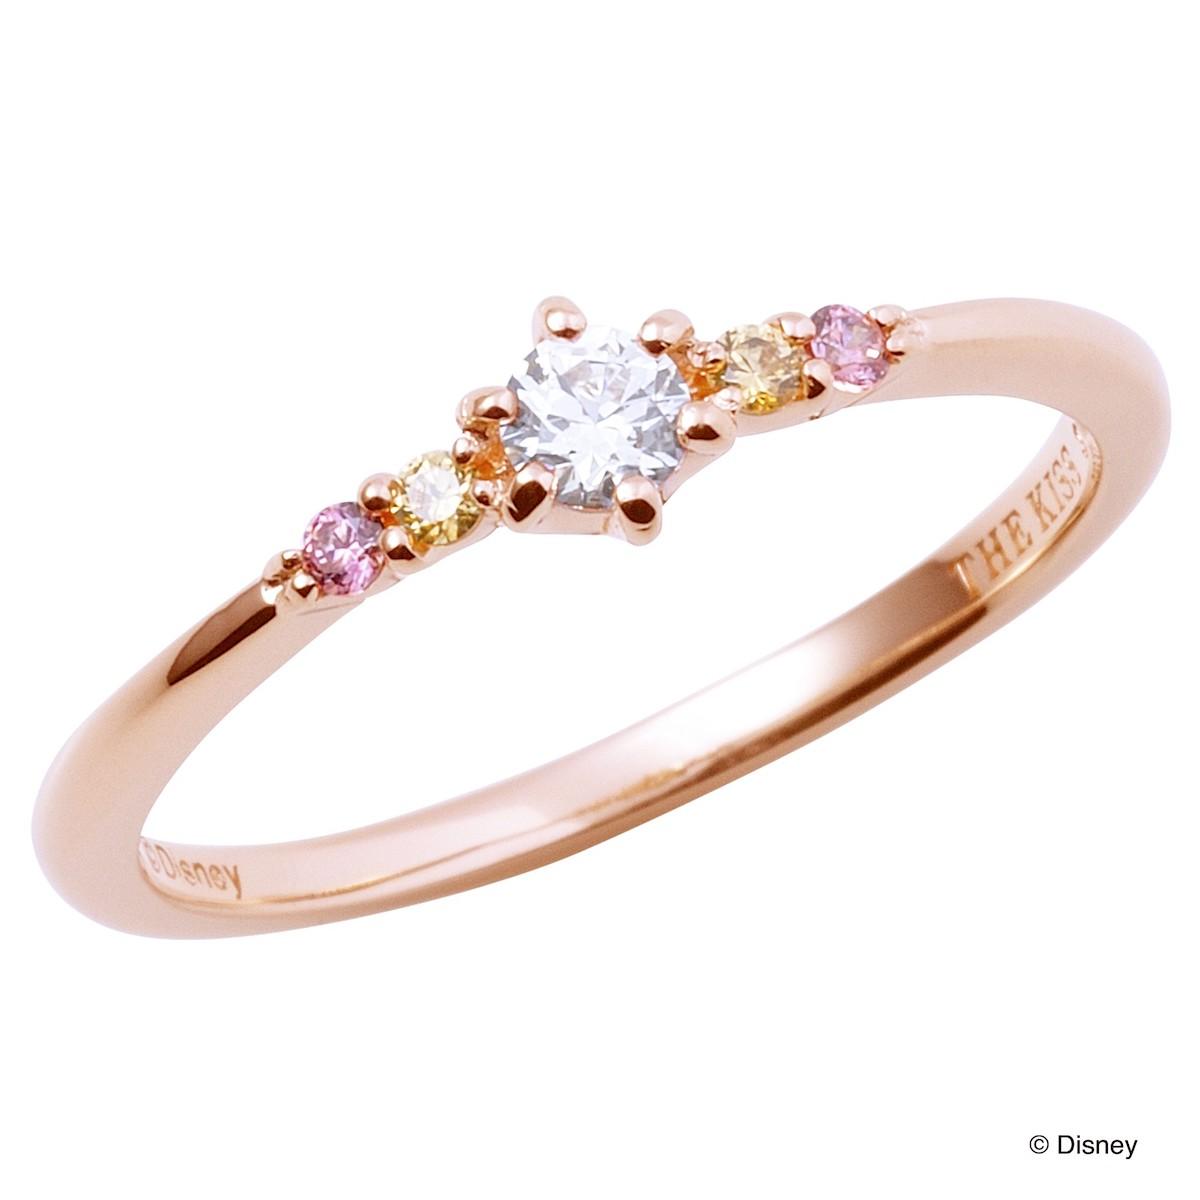 【ディズニー】THE KISS プリンセス ベル 美女と野獣 リング 指輪 DI-SR1213CB 【Disney】